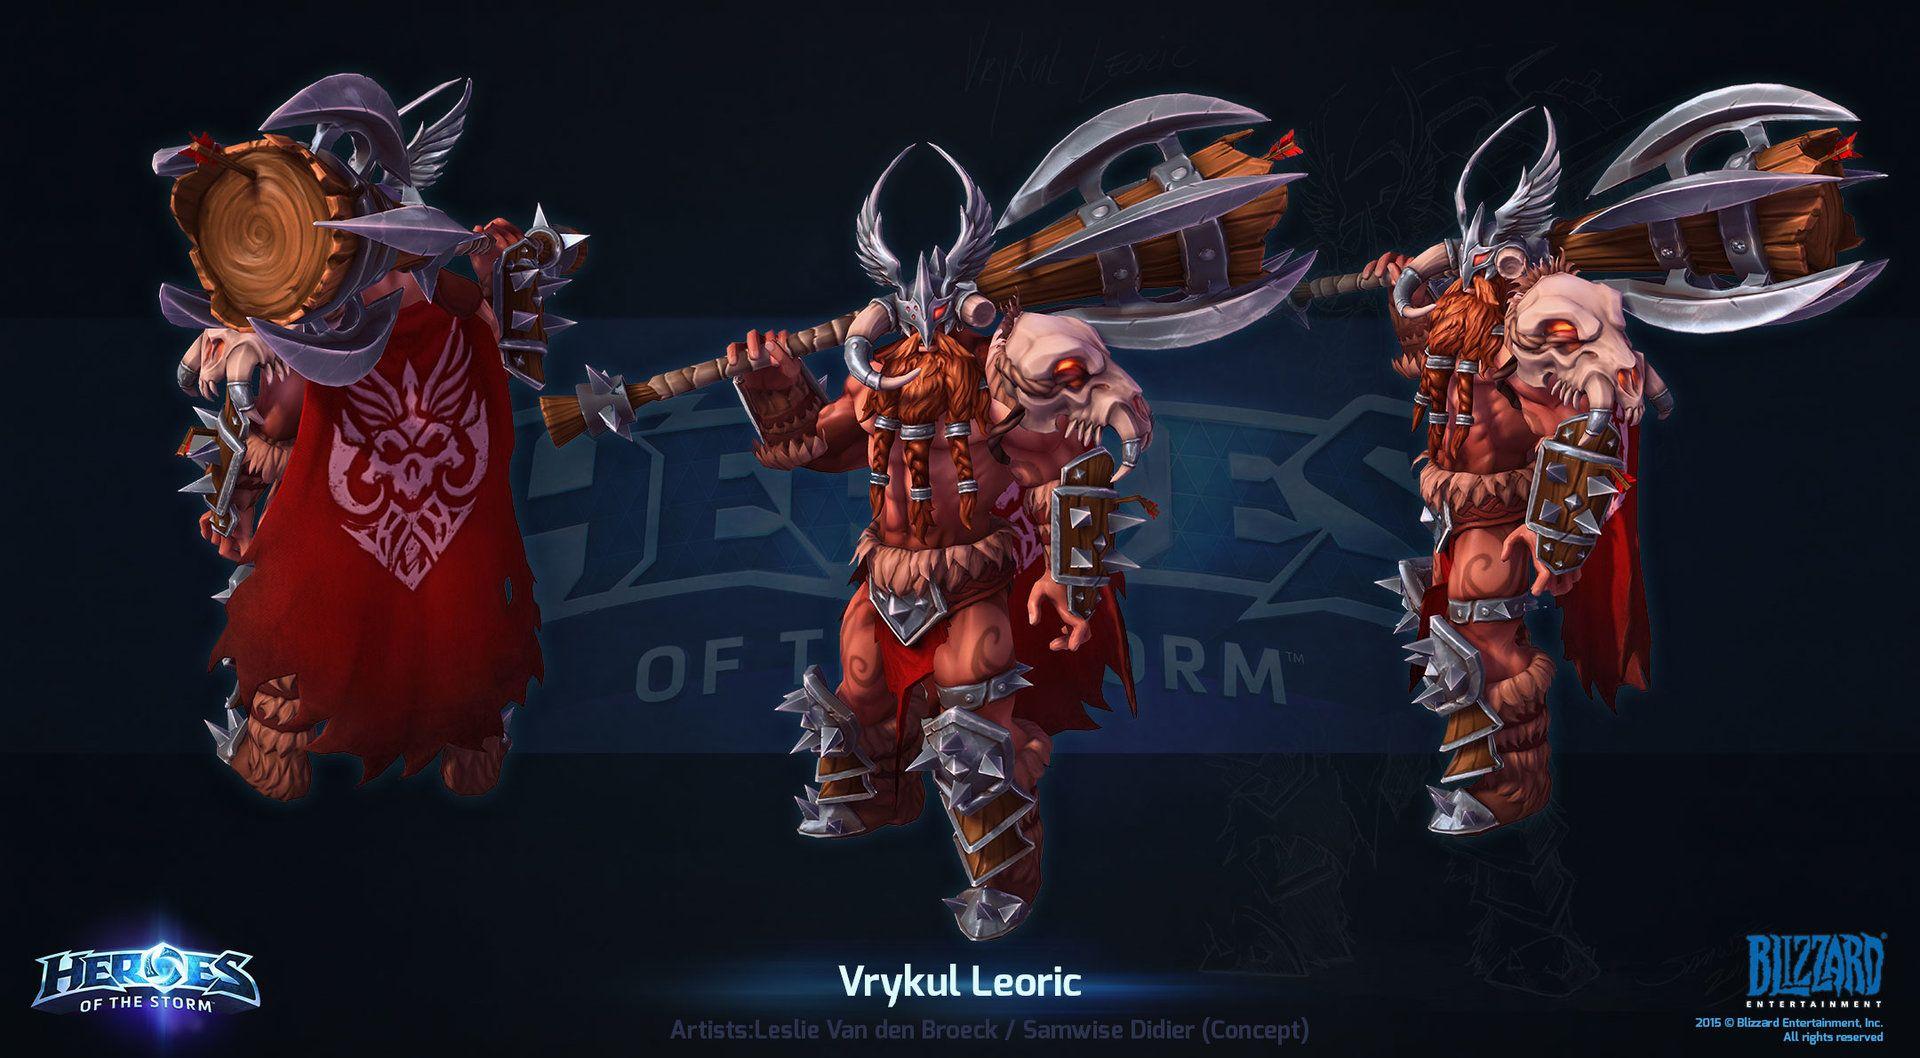 Hots Vrykul Leoric Leslie Van Den Broeck Heroes Of The Storm Hero Storm Collaborative list created by player votes. hots vrykul leoric leslie van den